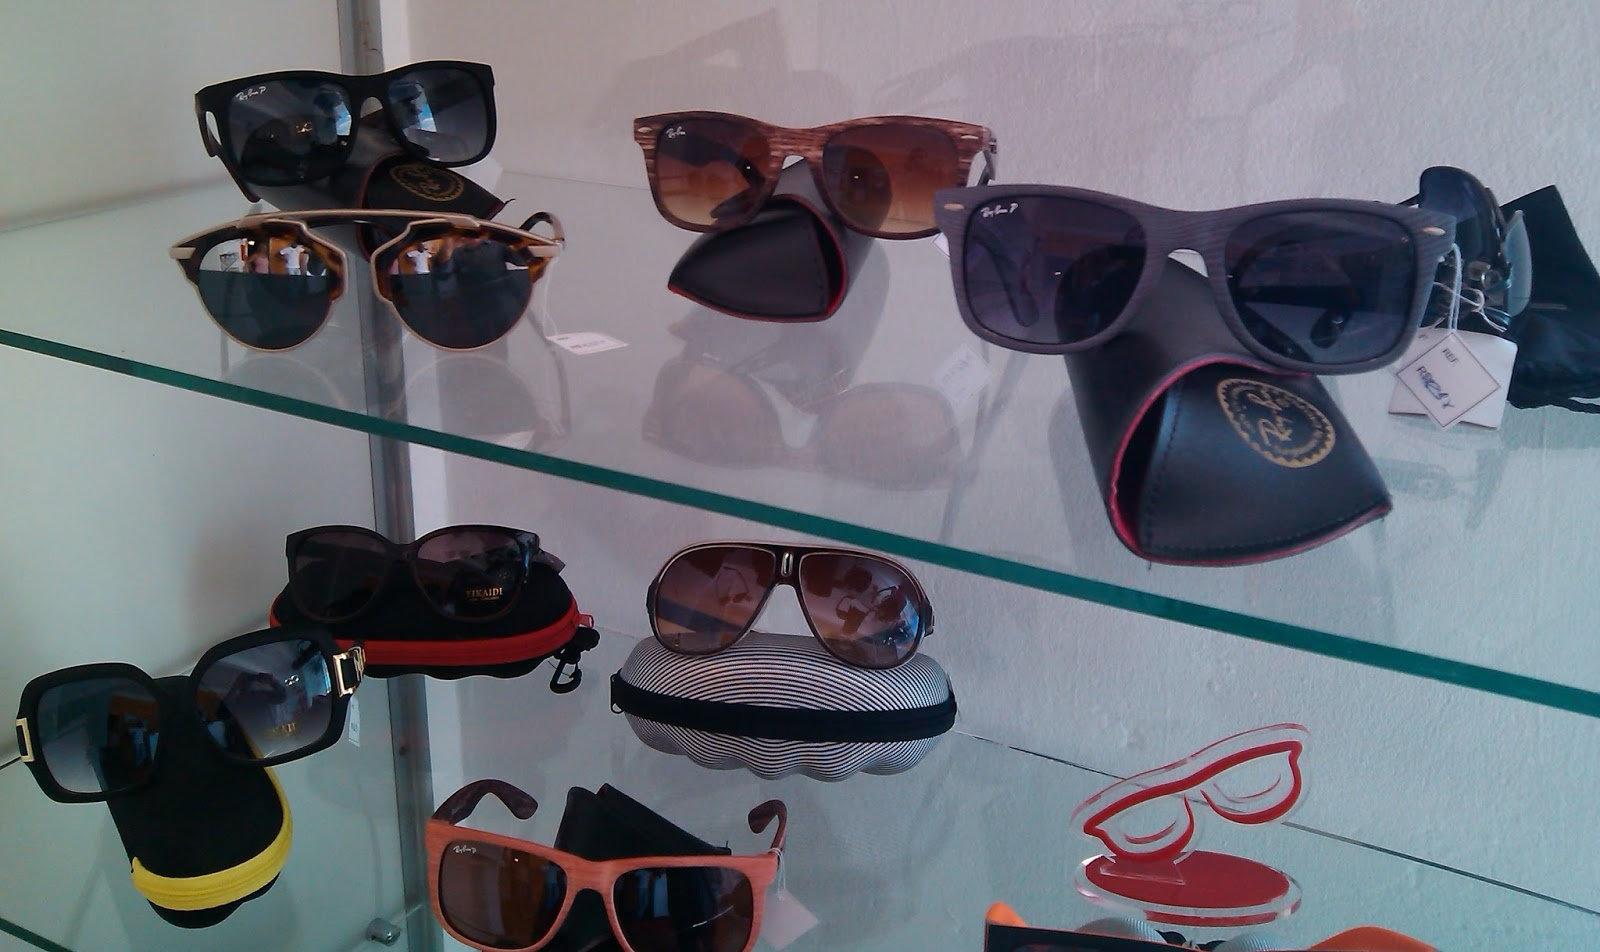 d39c0ca9f89a3 A Ótica Versátil oferece o que a de melhor e de mais qualidade quando se  trata de óculos de sol. As melhores marcas e os modelos mais arrojados para  ...